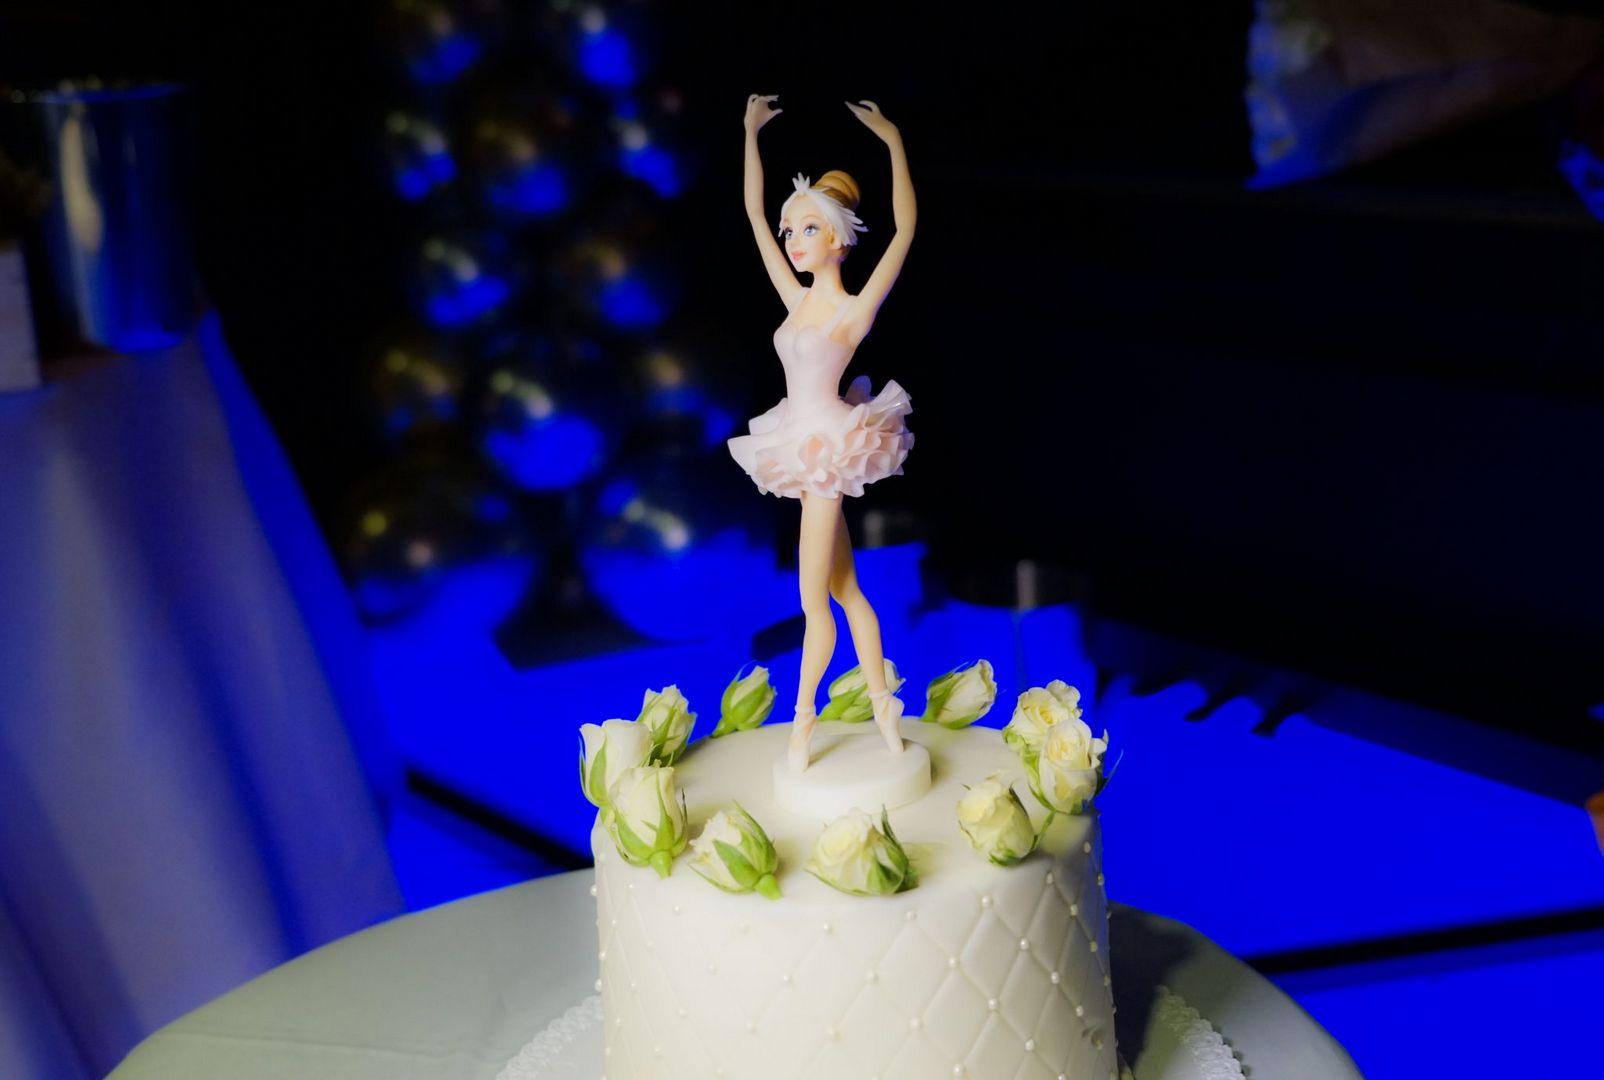 торт, Анастасия Волочкова